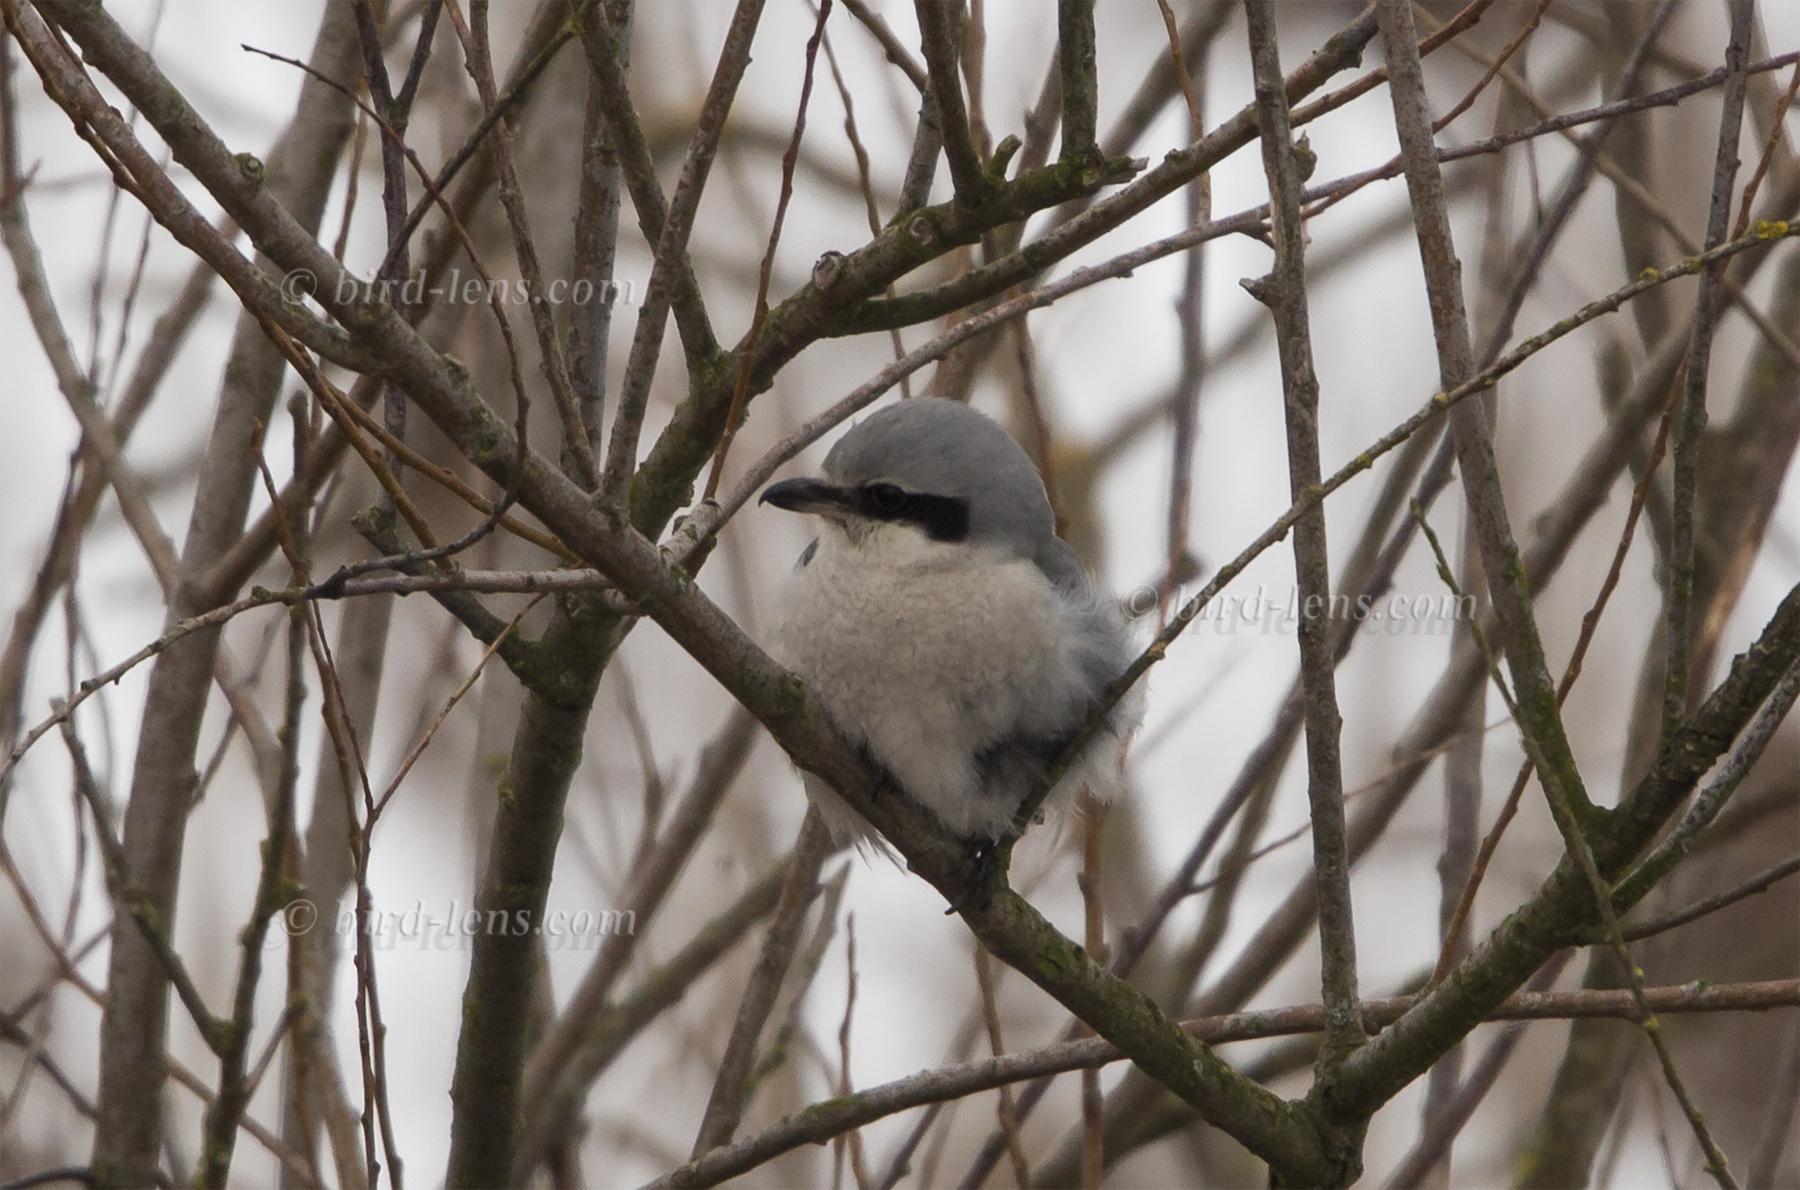 Raubwürger | Bird Lens